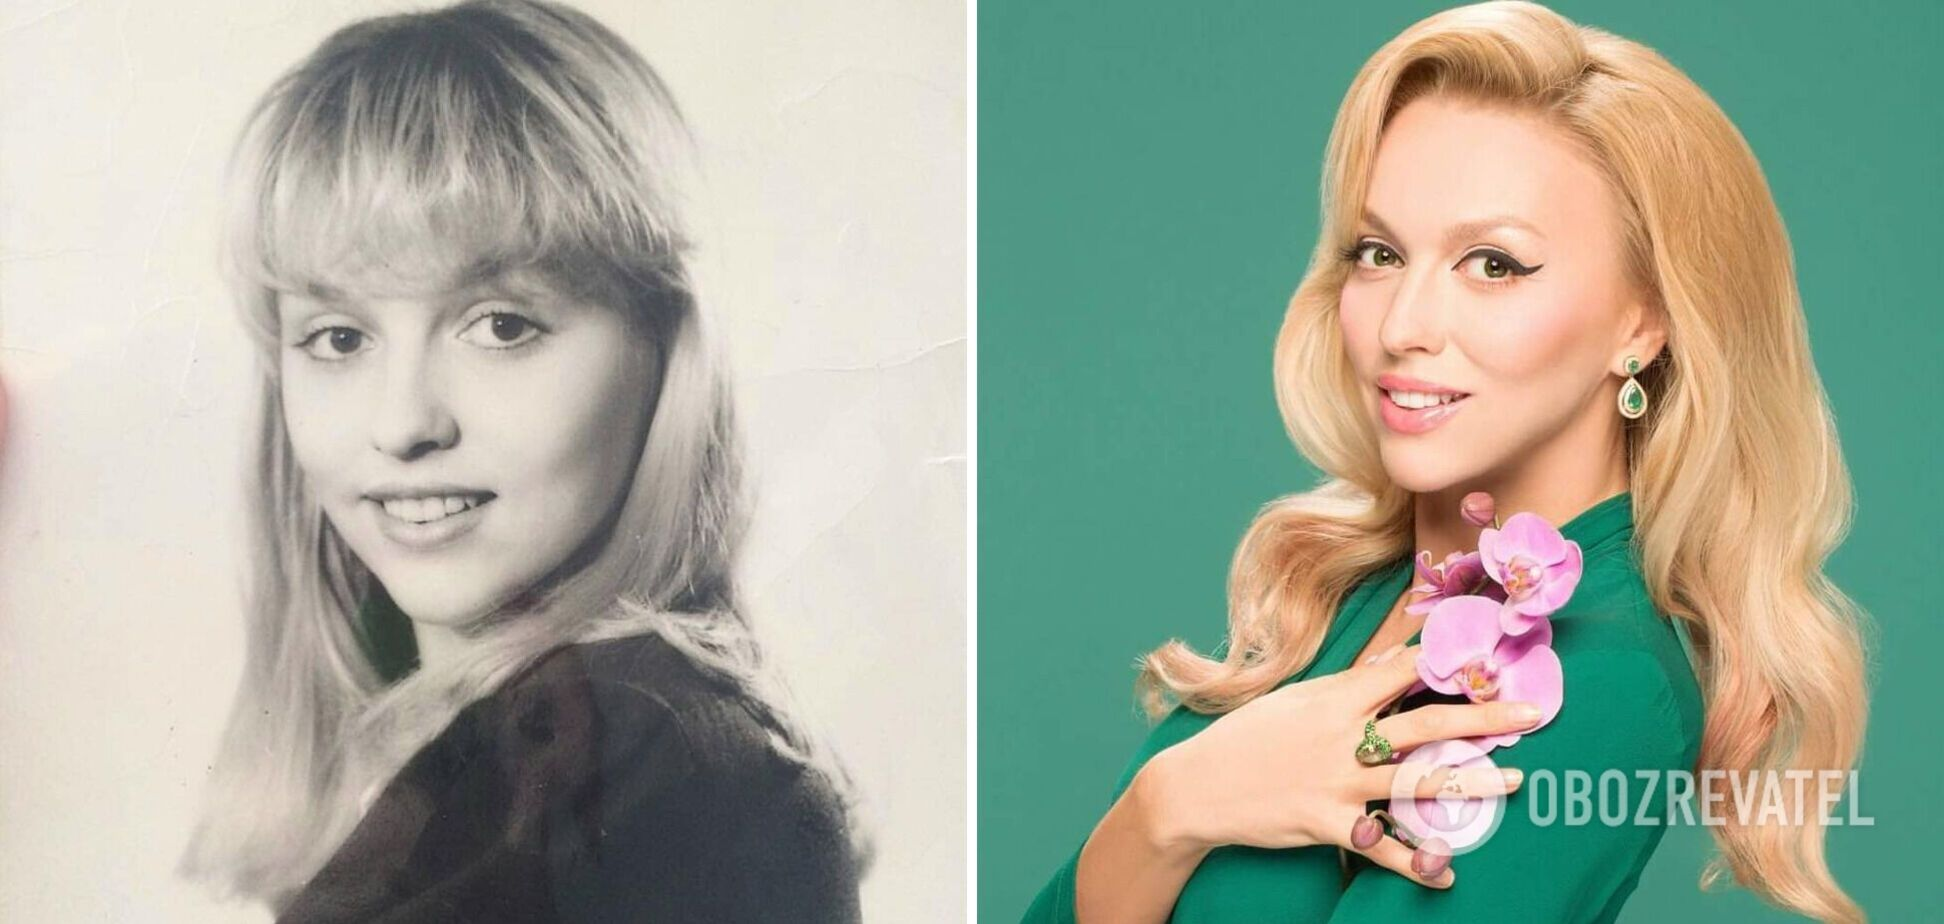 Як змінювалася Полякова: фото зірки на початку кар'єри